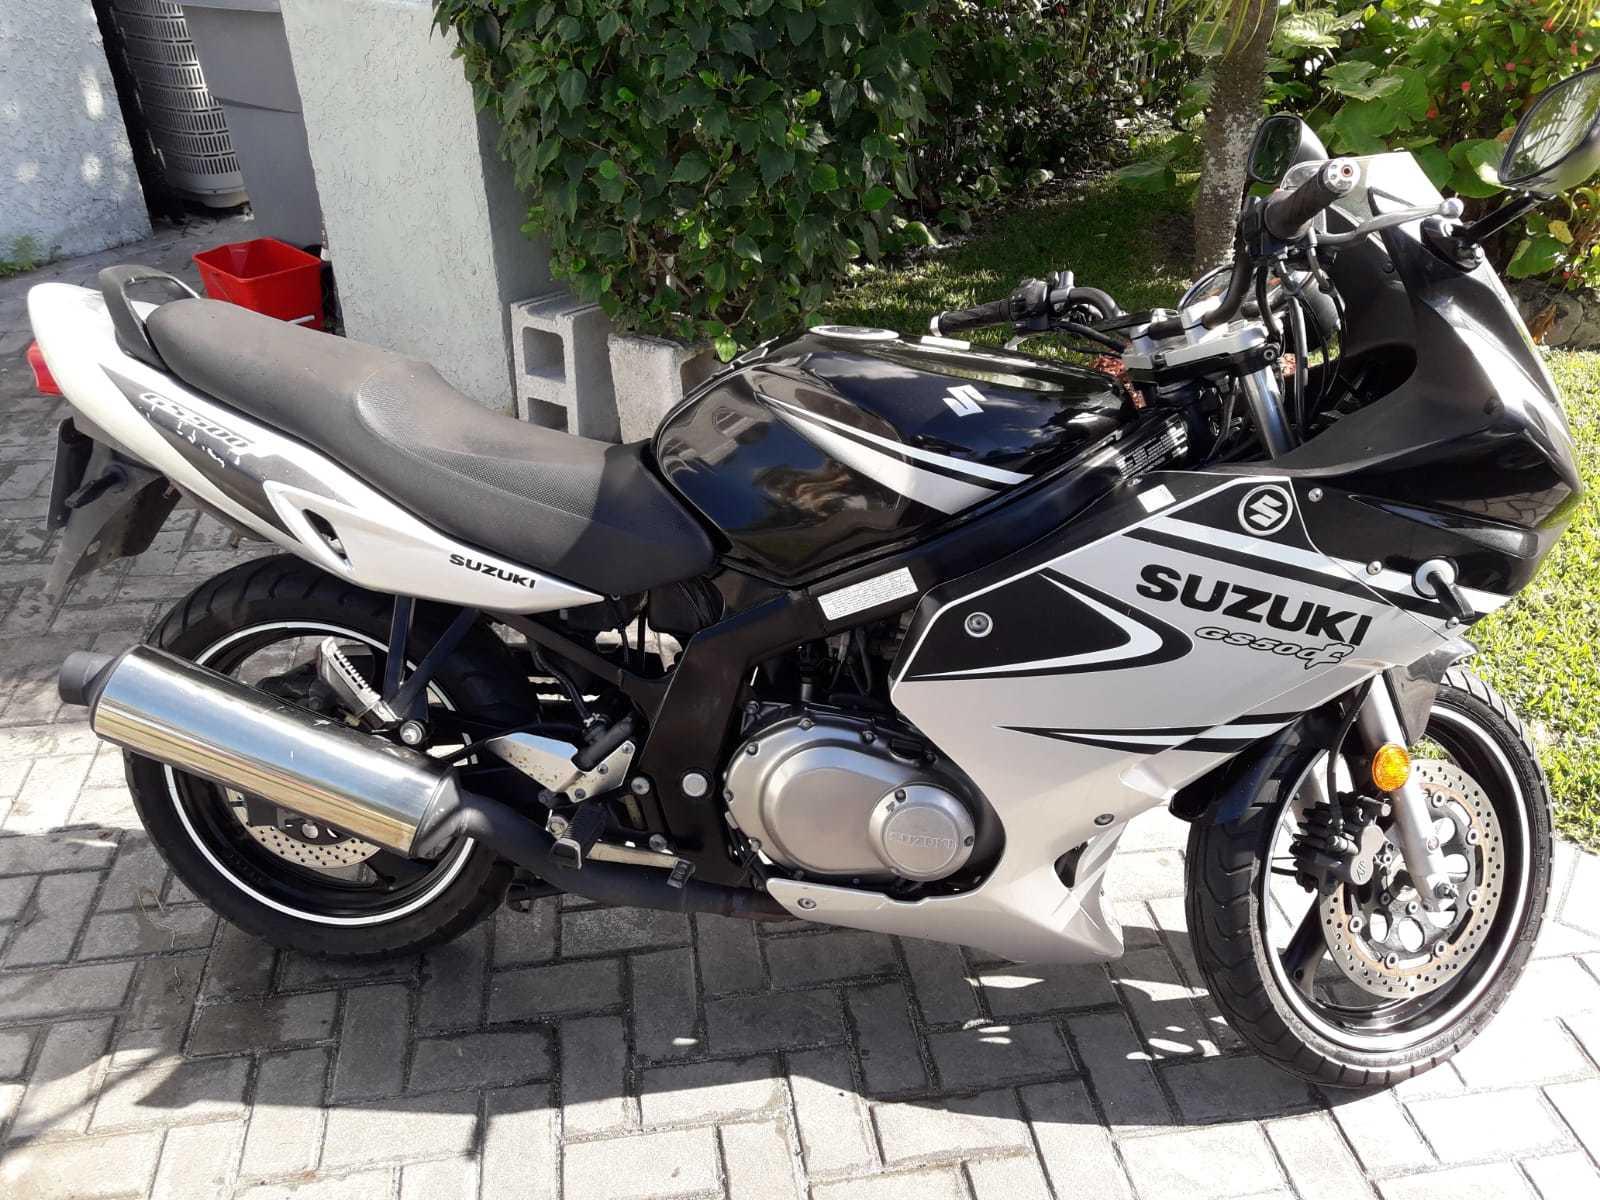 2006 Suzuki GS500F